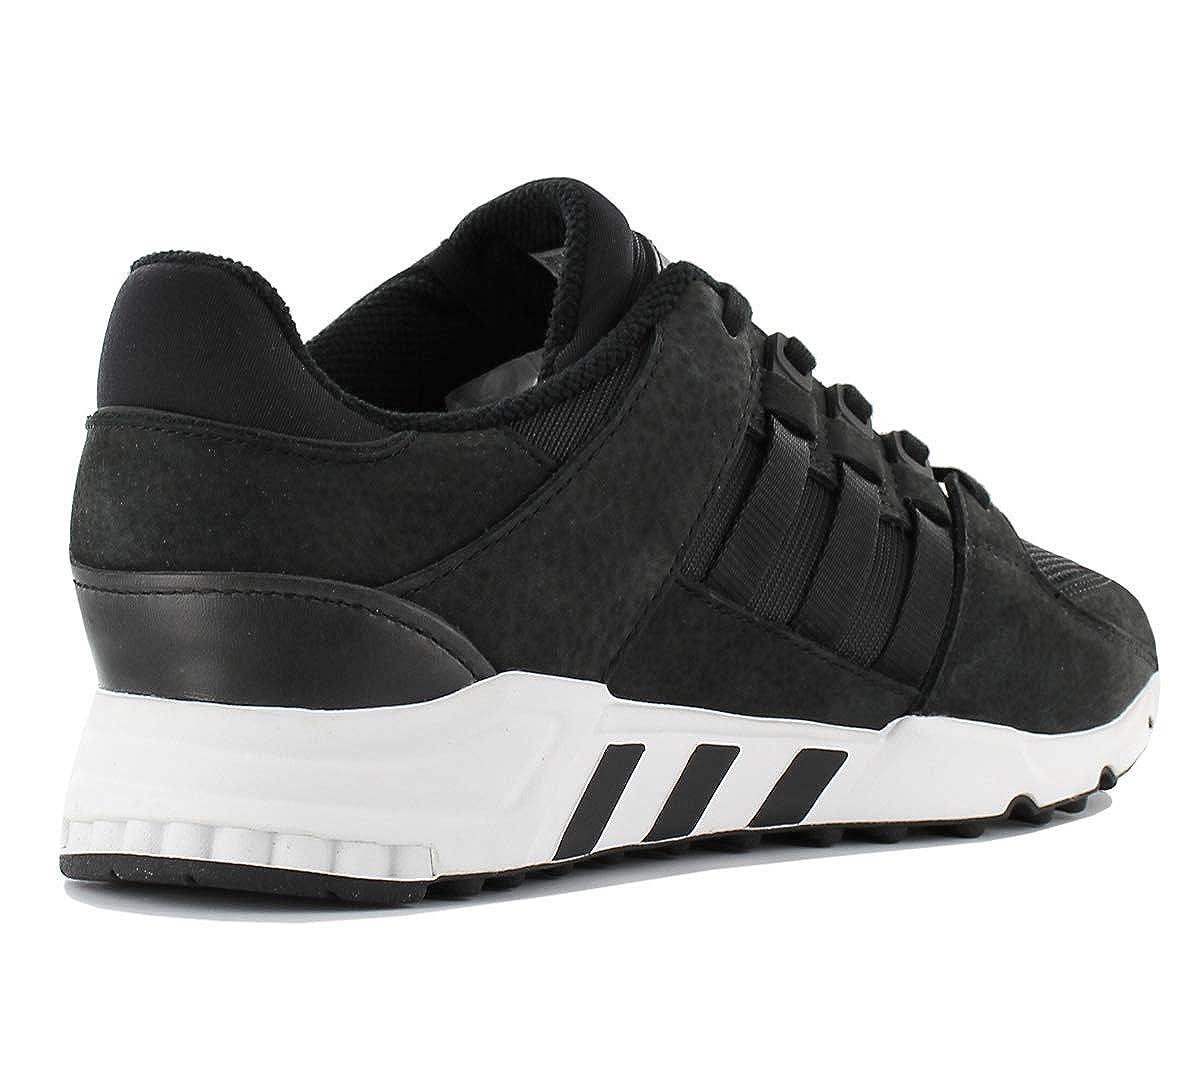 Adidas EQT Support RF schwarz schwarz schwarz schwarz Weiß 62f6c3